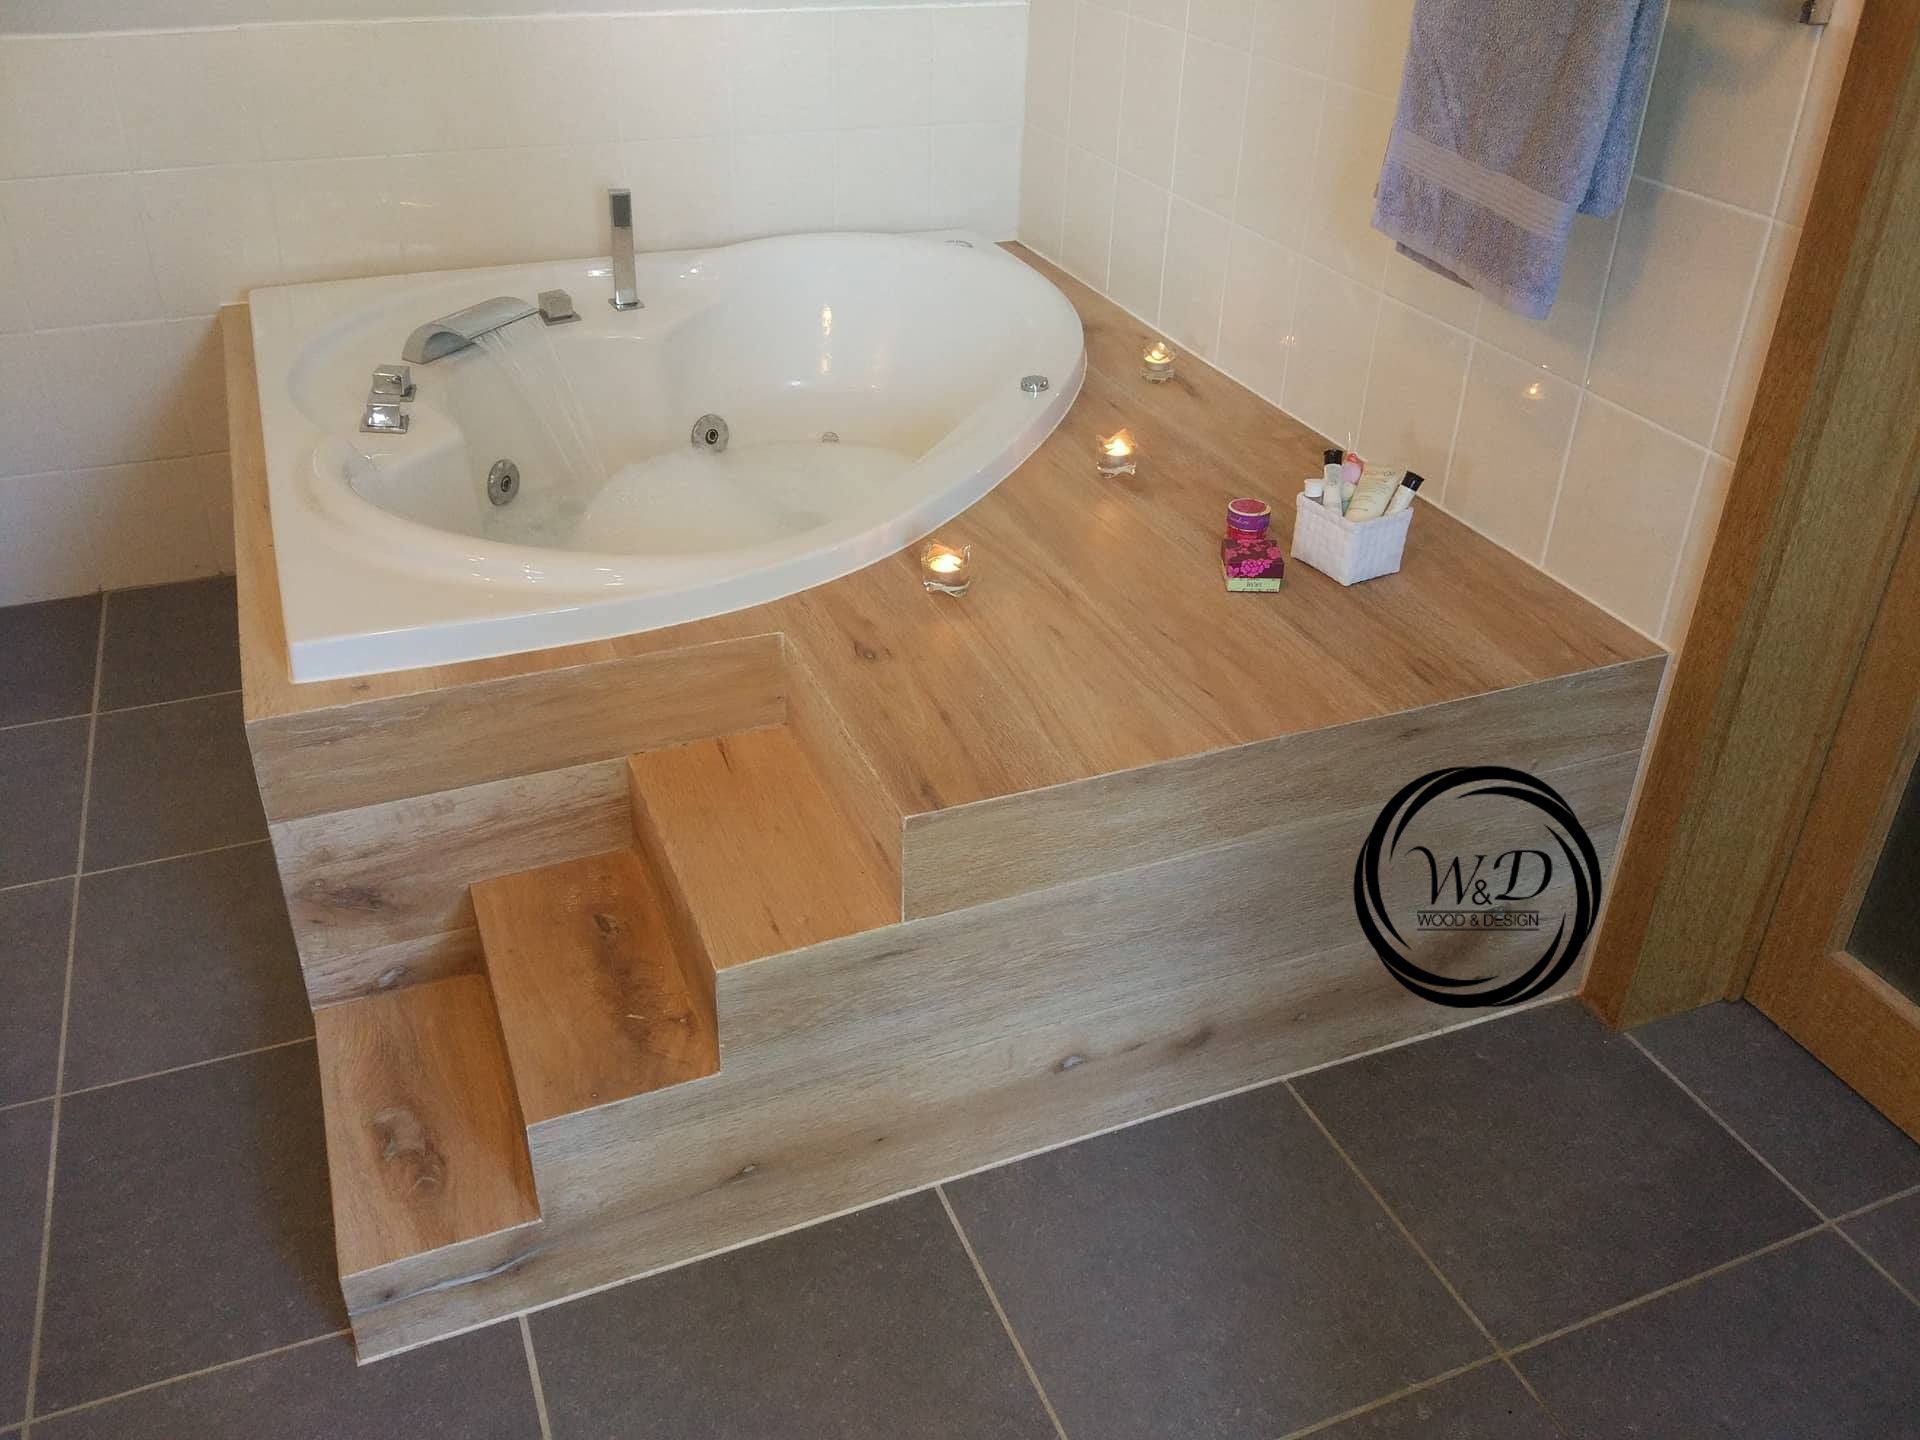 Habillage en plaqué chêne d'une baignoire d'angle avec escalier